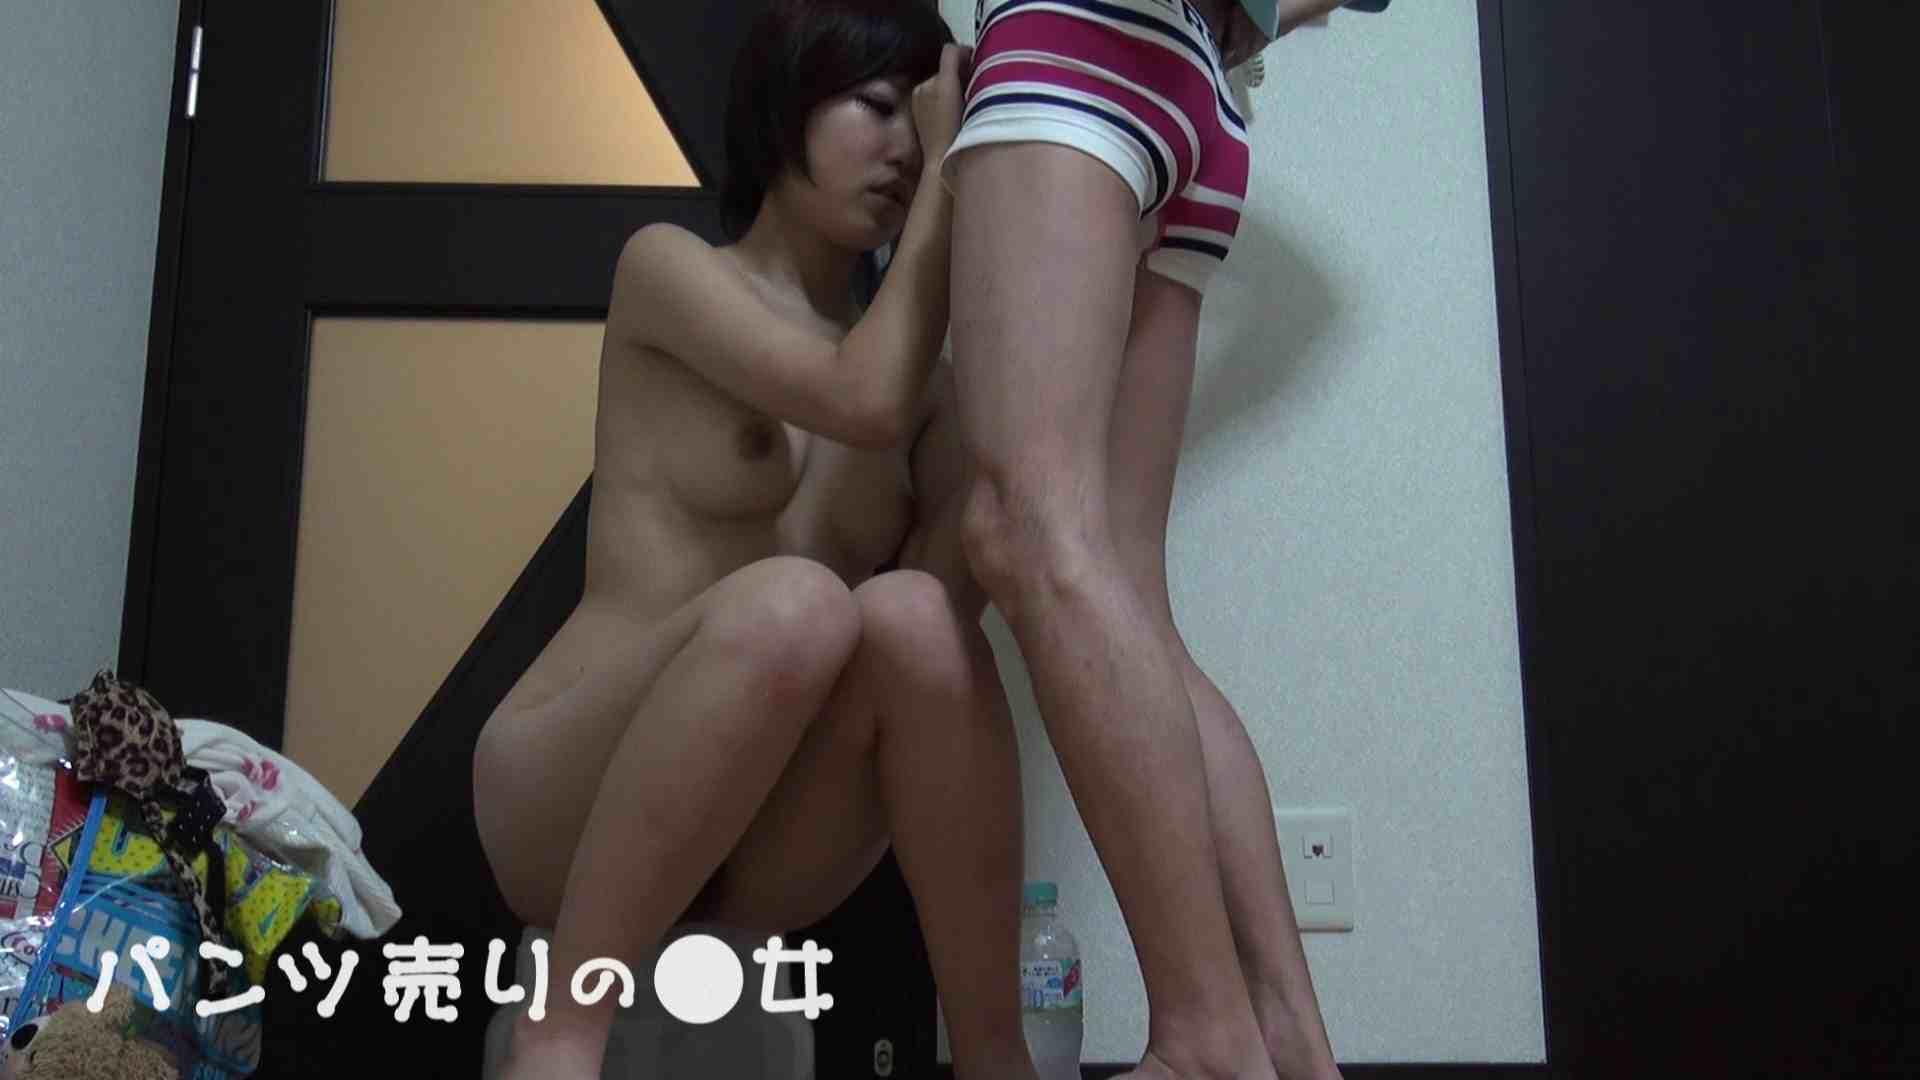 新説 パンツ売りの女の子nana02 一般投稿 | 0  97pic 45